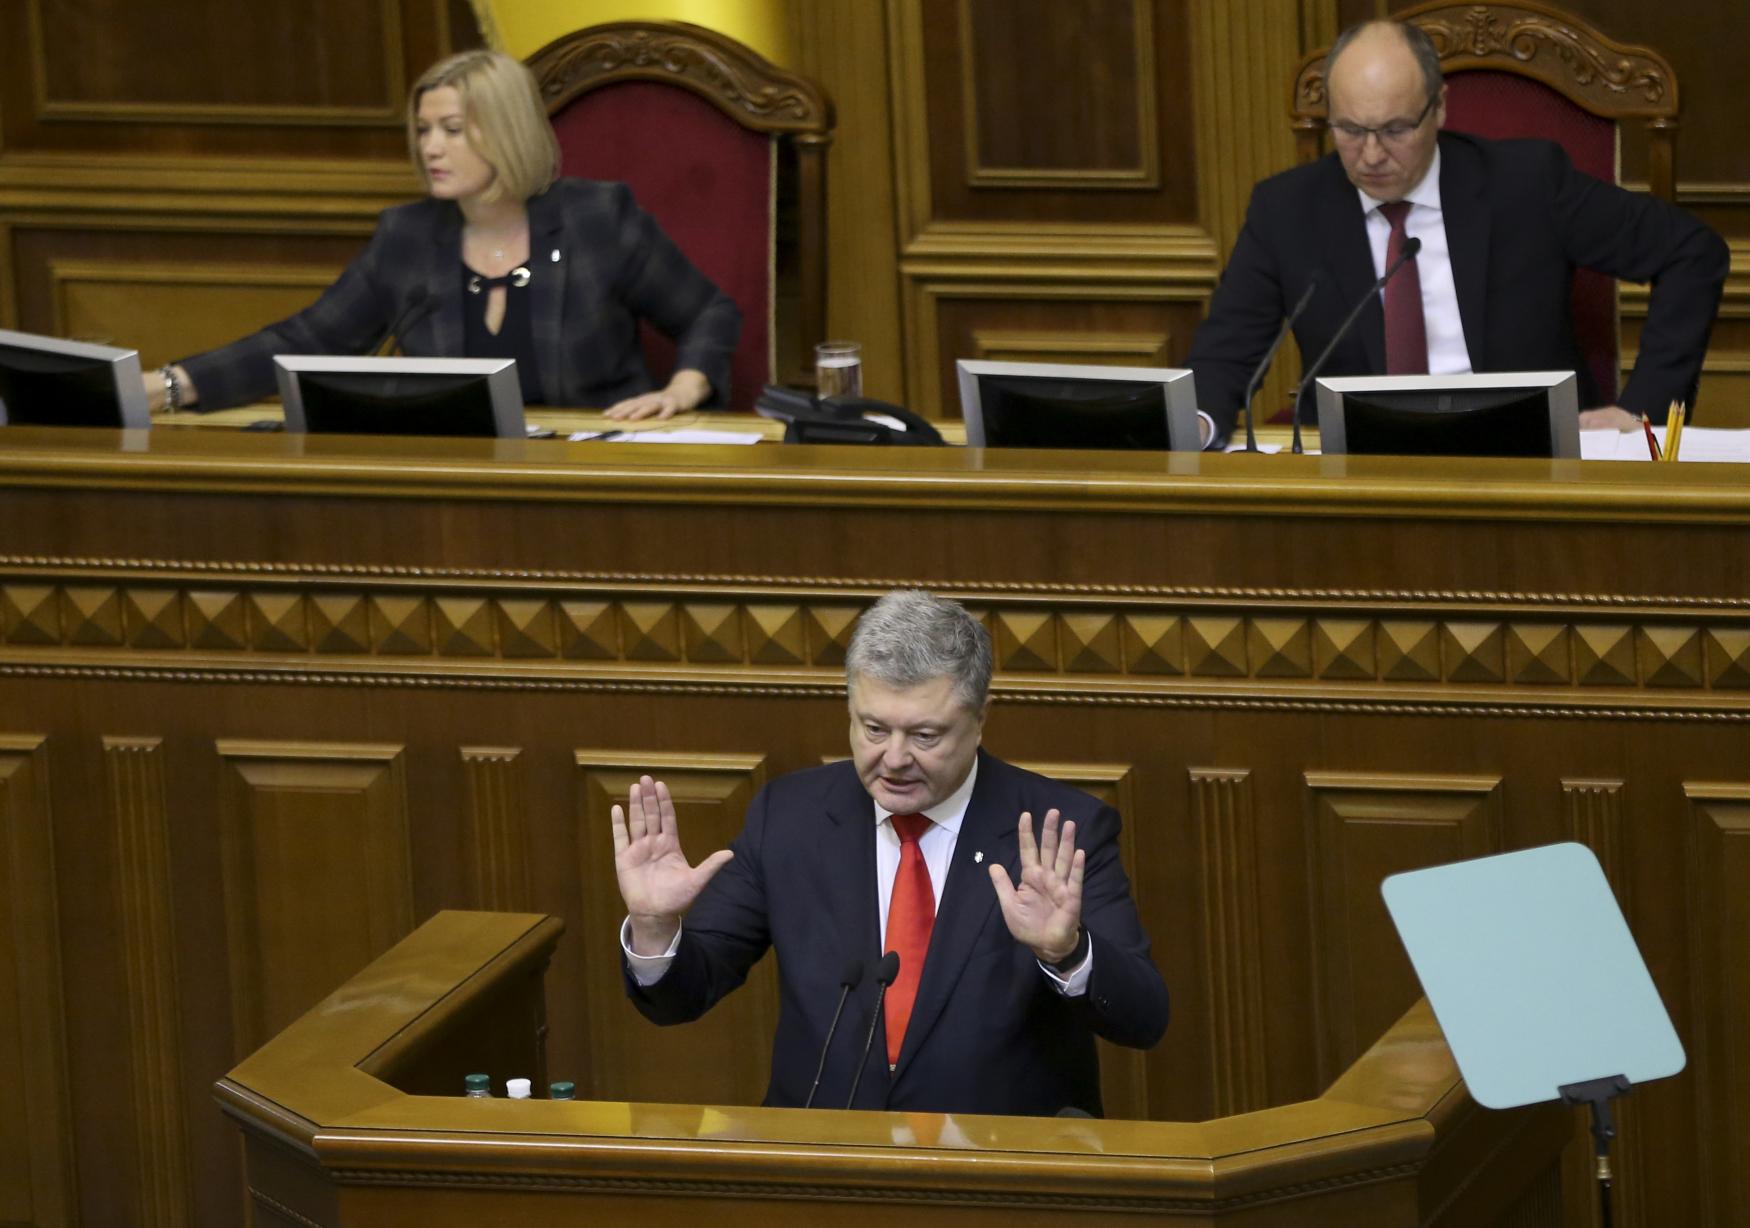 Ukrajinský prezident Petro Porošenko během schůze ukrajinského parlamentu 26. listopadu 2018